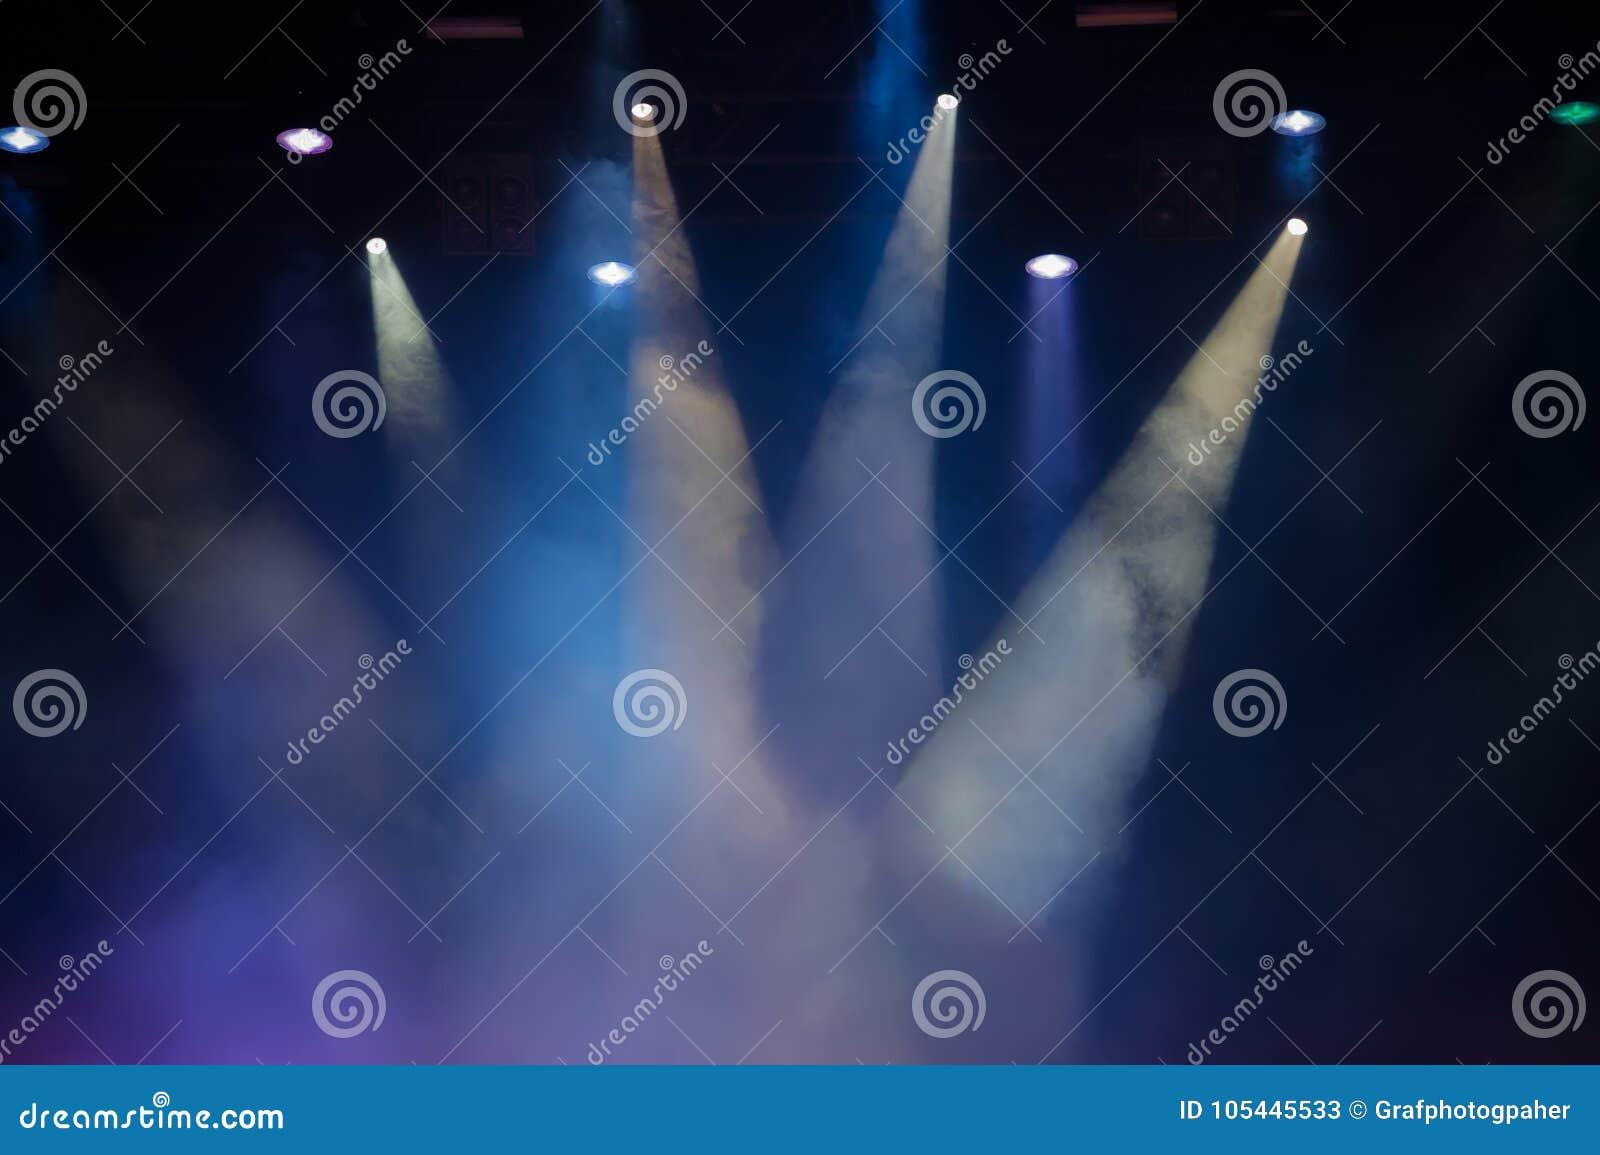 Σκηνή συναυλίας Σκηνικά φω τα Ζωηρόχρωμο υπόβαθρο των σκηνικών φω των